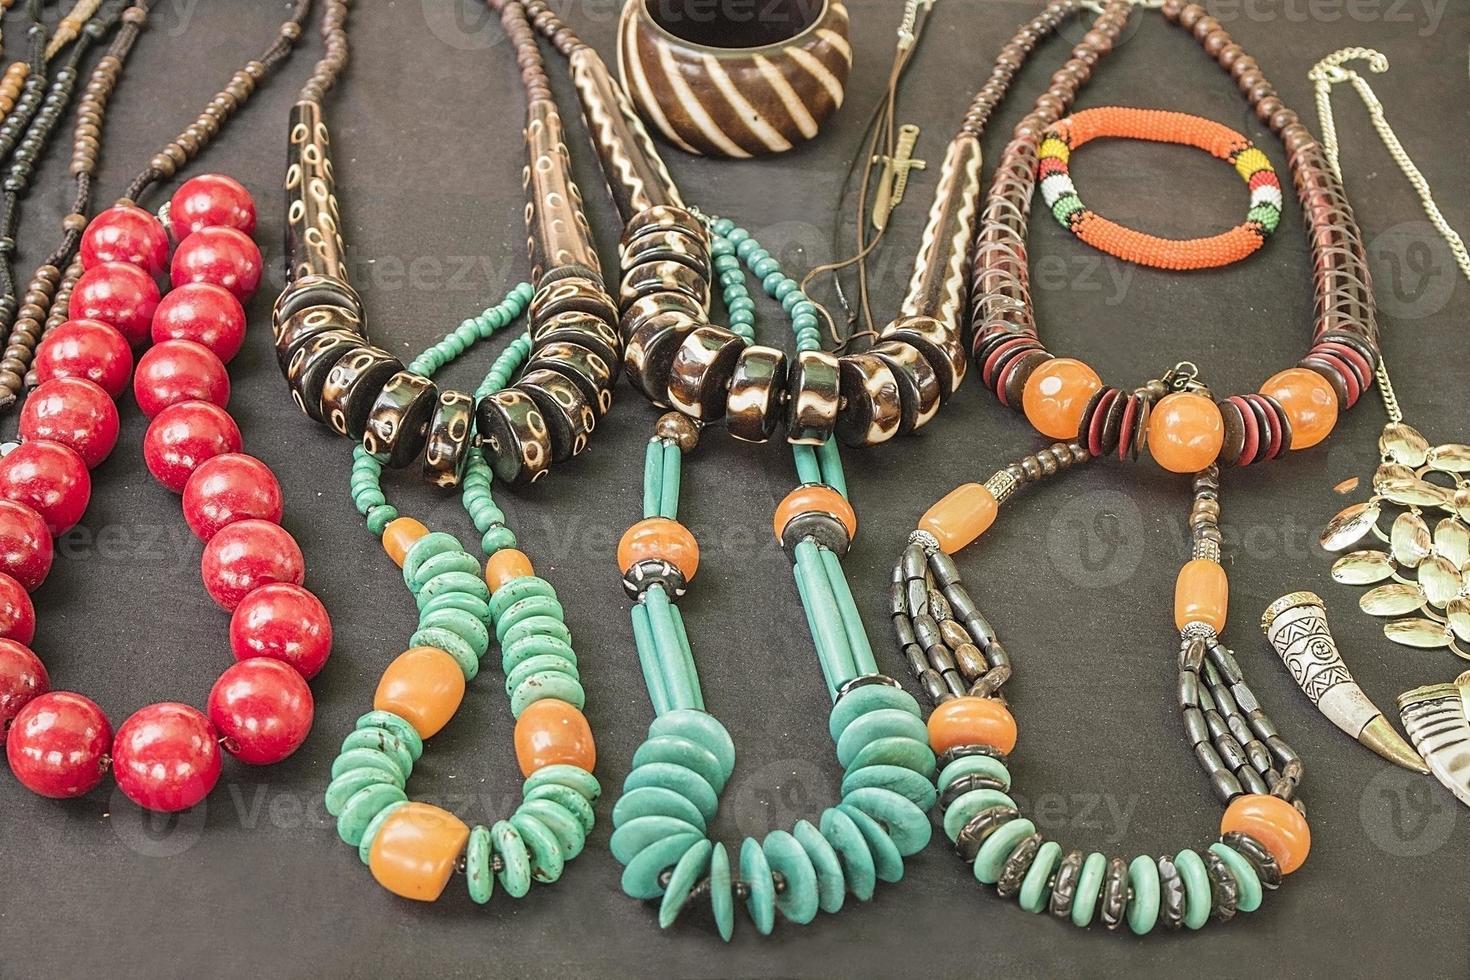 bracciali, collane, pendenti con perle fatte a mano tradizionali africane. foto